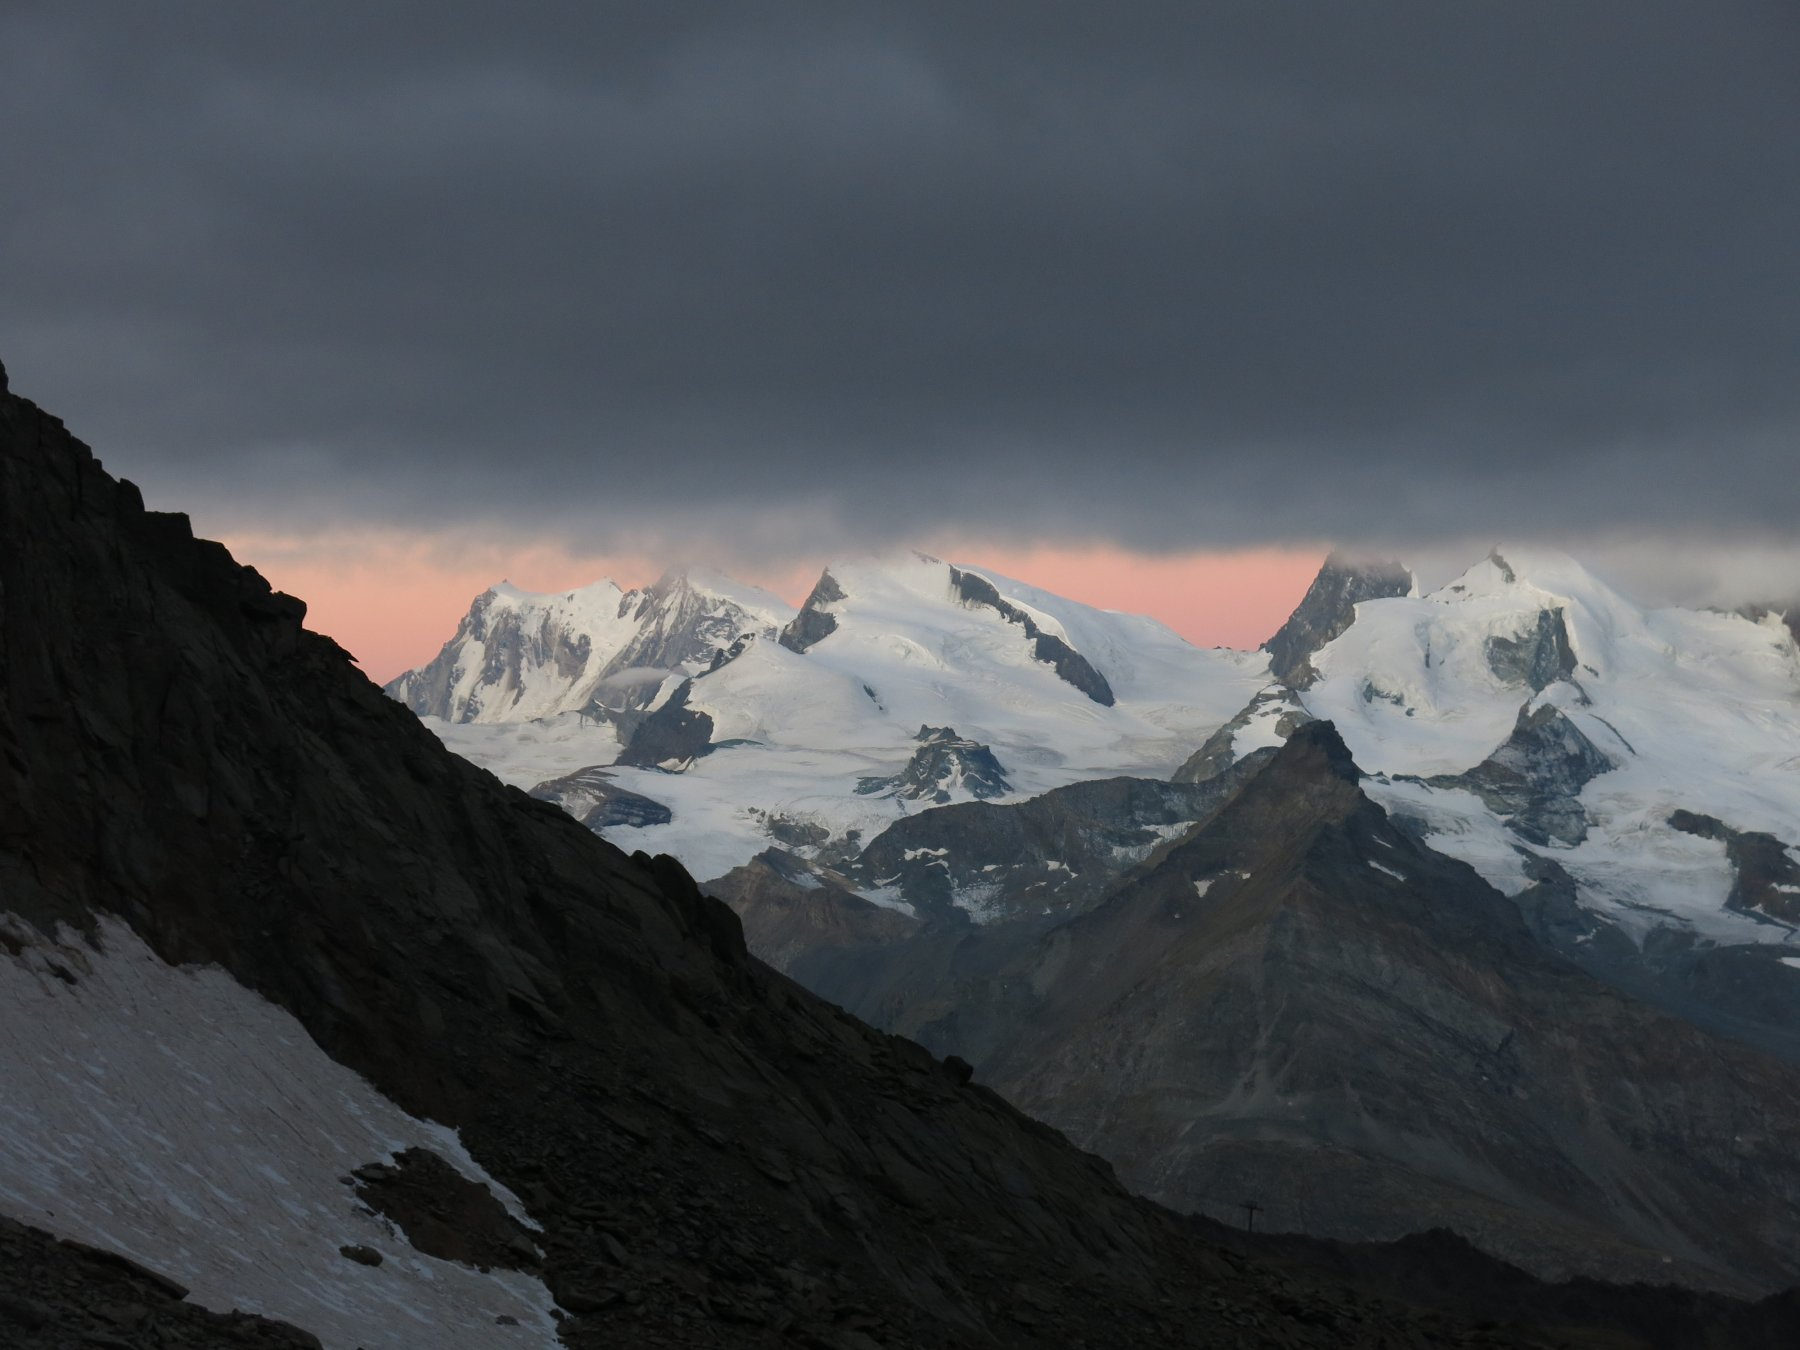 L'alba purtroppo si presenta così; le montagne resteranno incappucciate tutto il giorno...